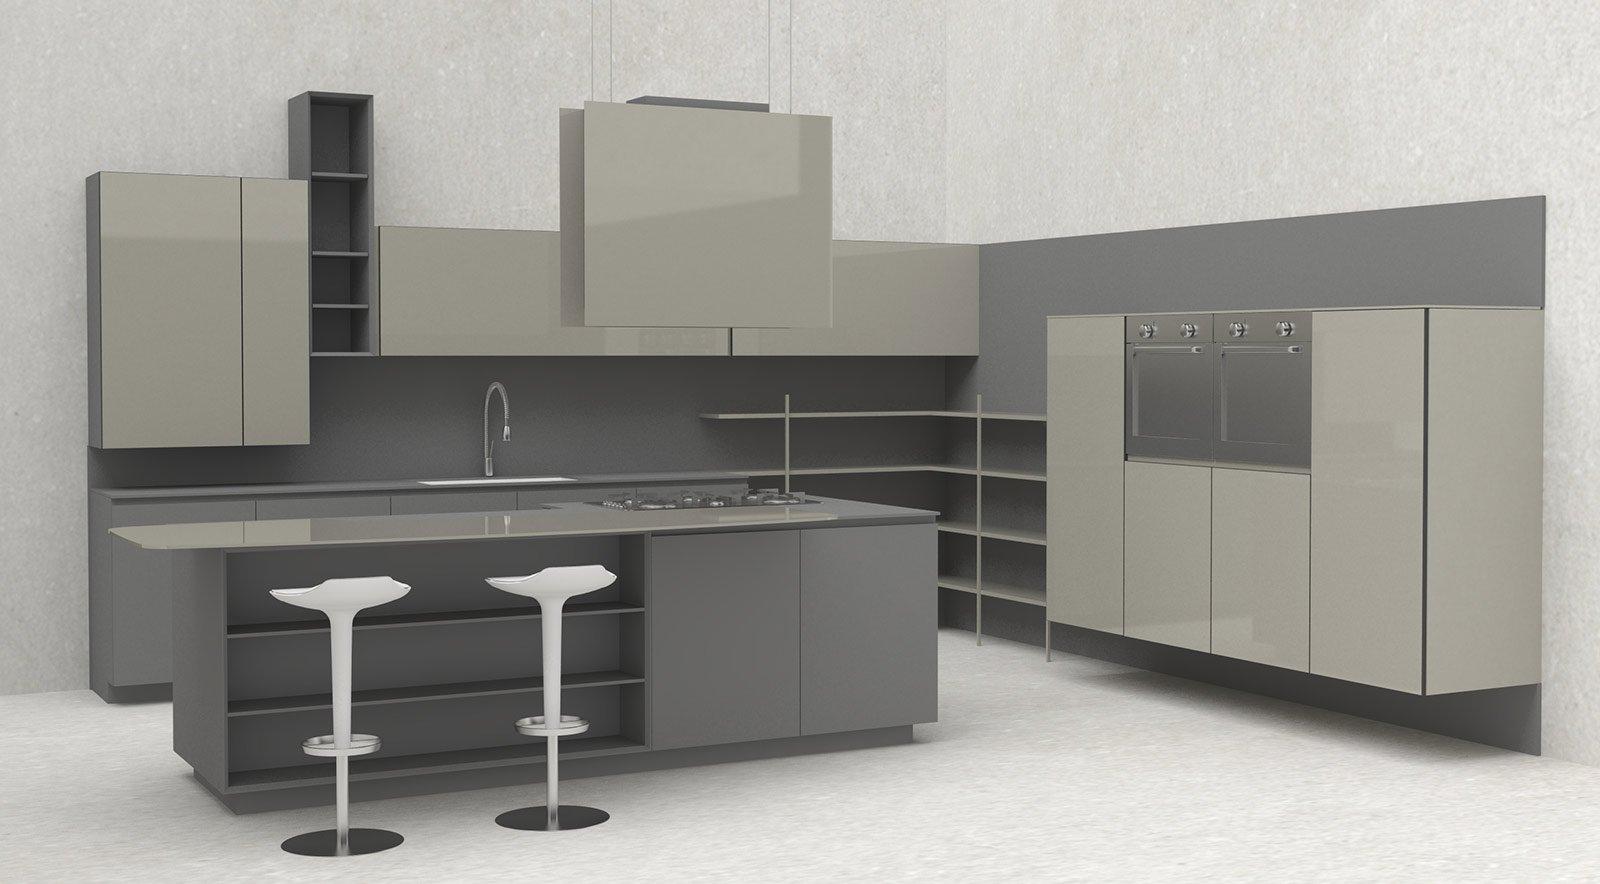 Salone del Mobile 2014: mix di materiali per le nuove cucine ...